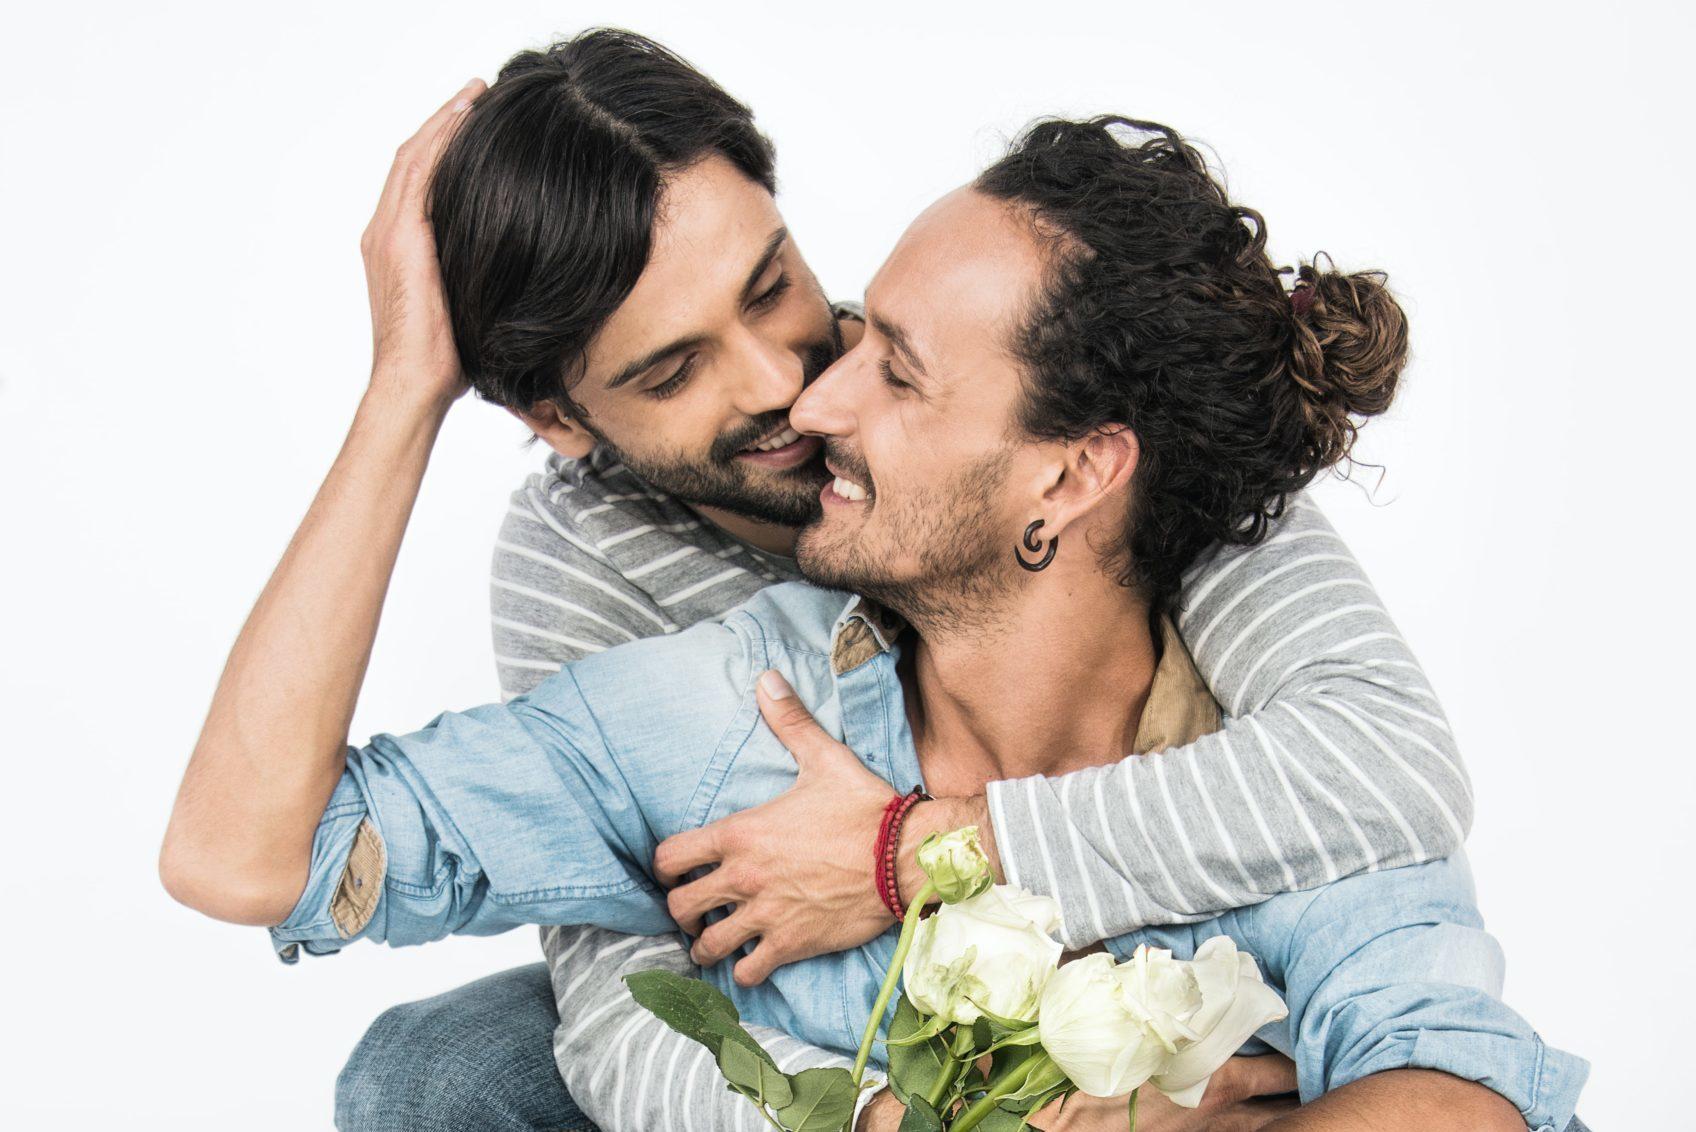 異性と同性、付き合った時のメリットについて